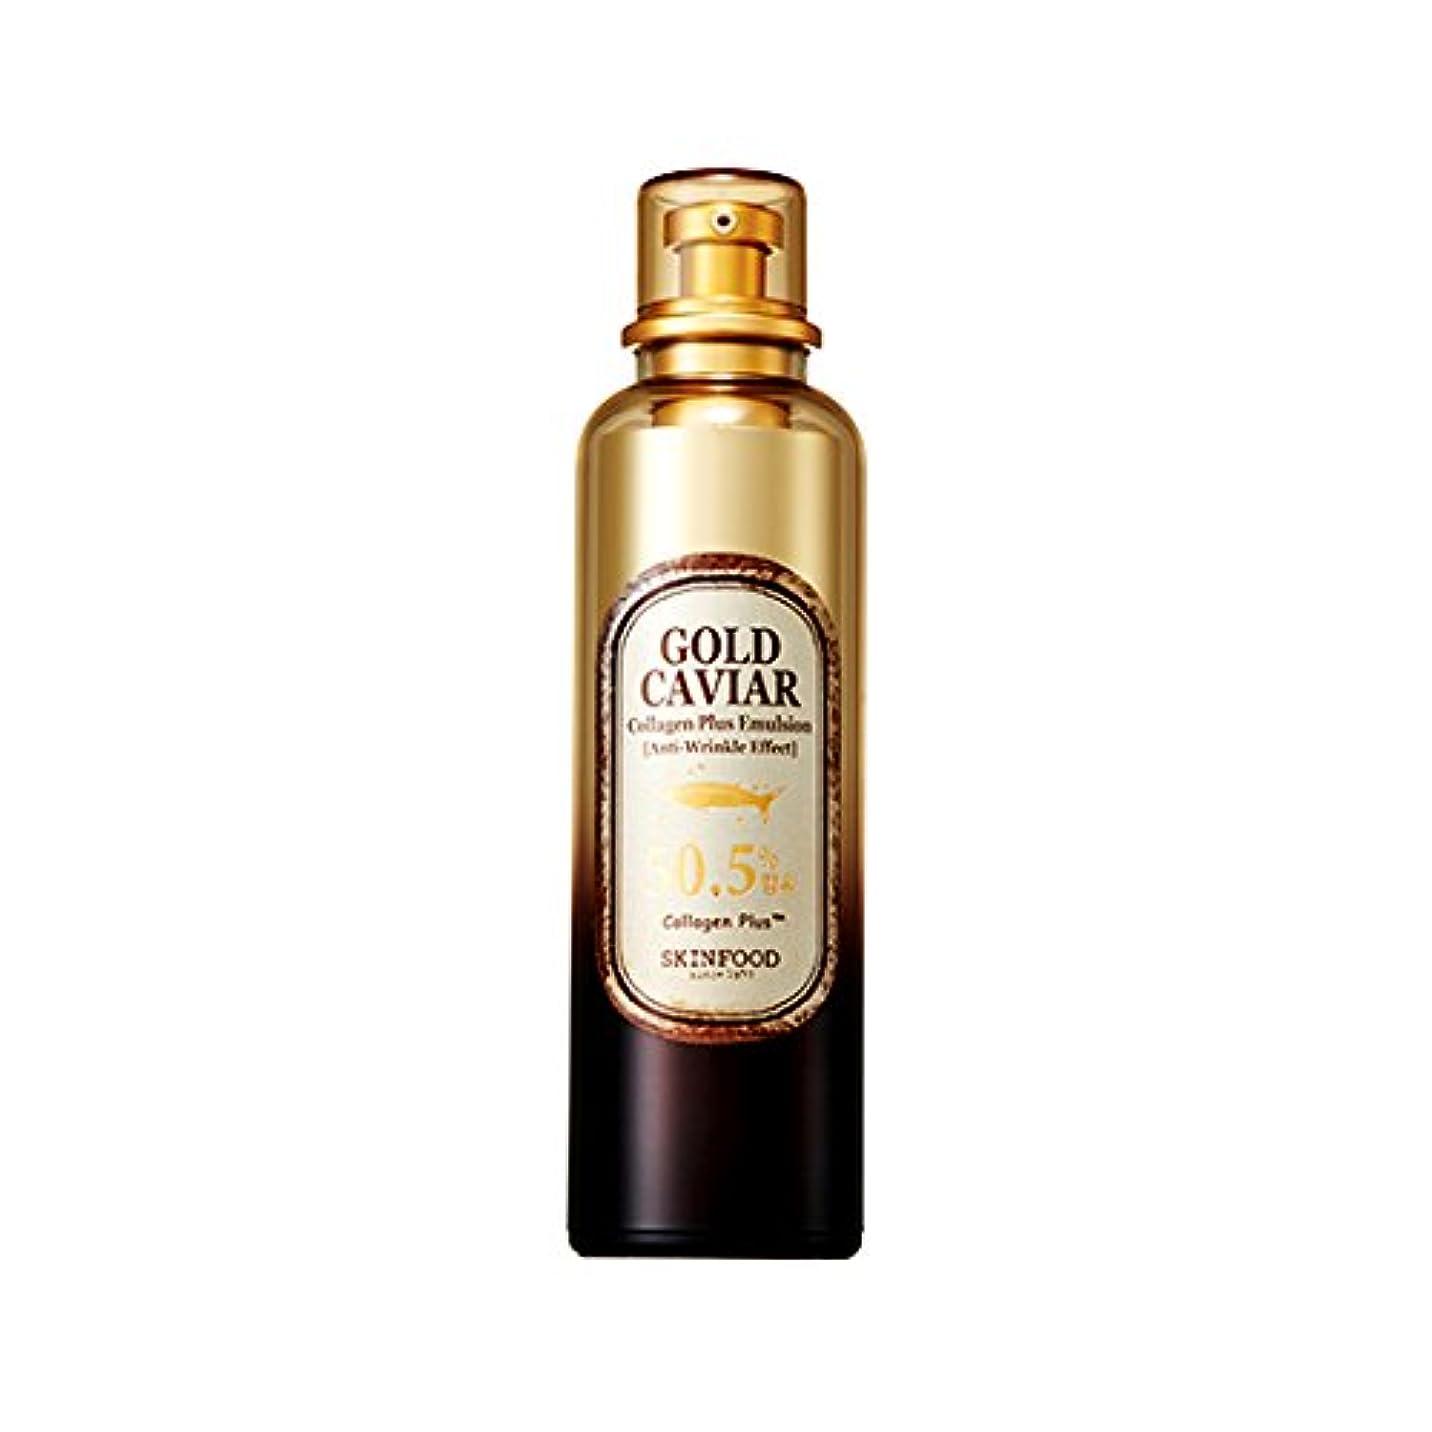 天気十億本土Skinfood ゴールドキャビアコラーゲンプラスエマルジョン/Gold Caviar Collagen Plus Emulsion 120ml [並行輸入品]